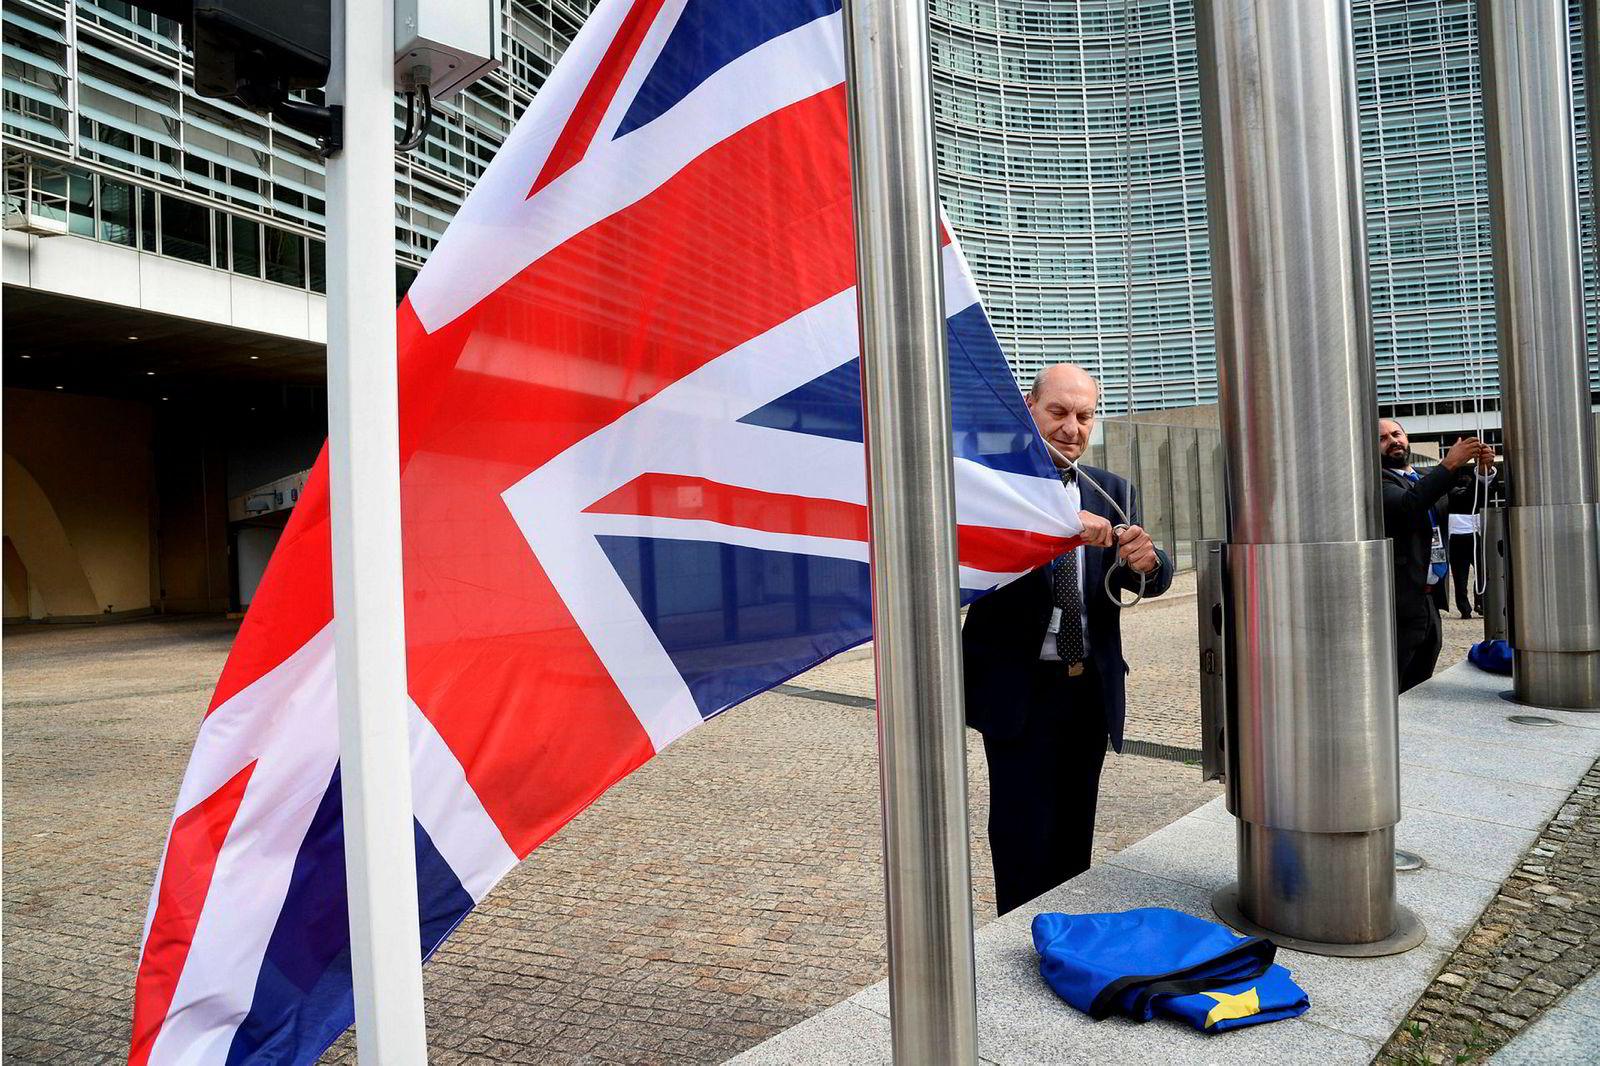 28. juni 2016: Under en uke etter brexit-avgjørelsen firer et medlem av Europakommisjonen det britiske flagget under en samling i Brussel. Fra EUs ståsted er det viktig at britene ikke får en bedre avtale utenfor EU. Britiske myndigheter er opptatt av styrket suverenitet og vise at de ikke vil være ettergivende i forhandlingene.